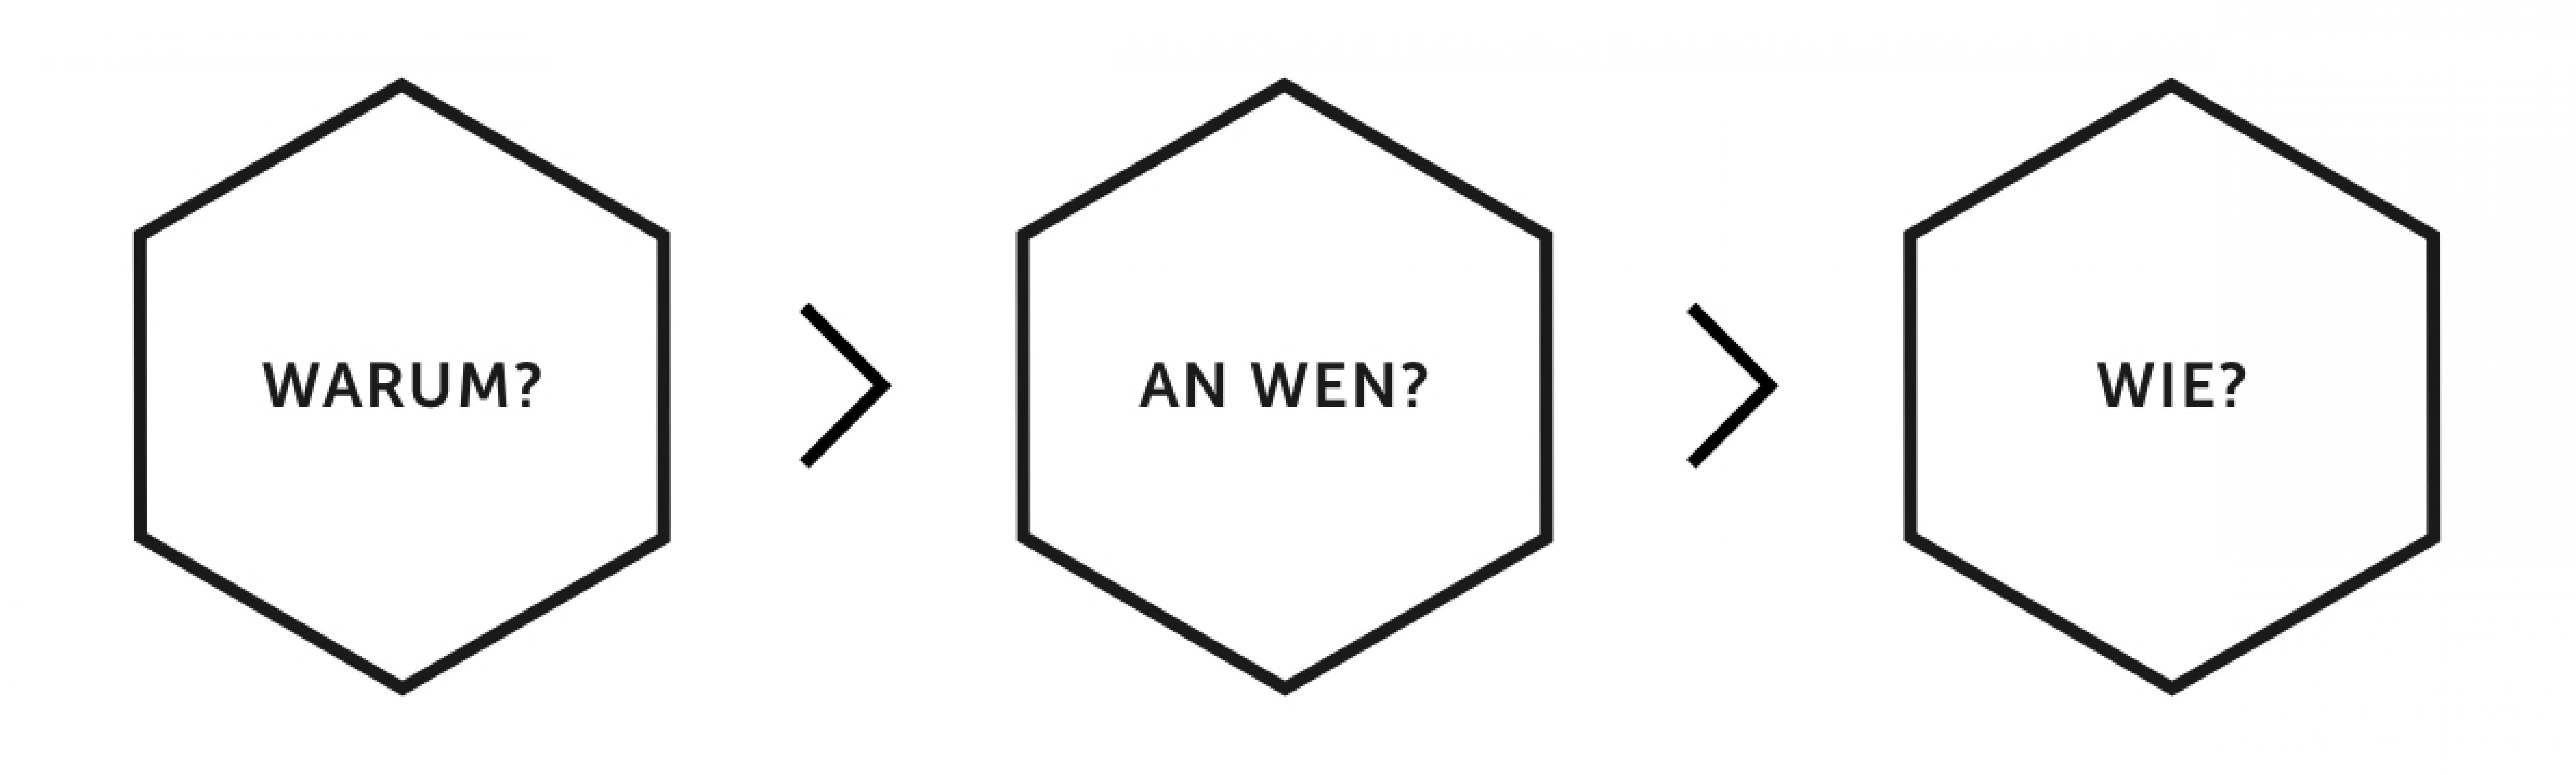 Warum? An Wen? Wie?